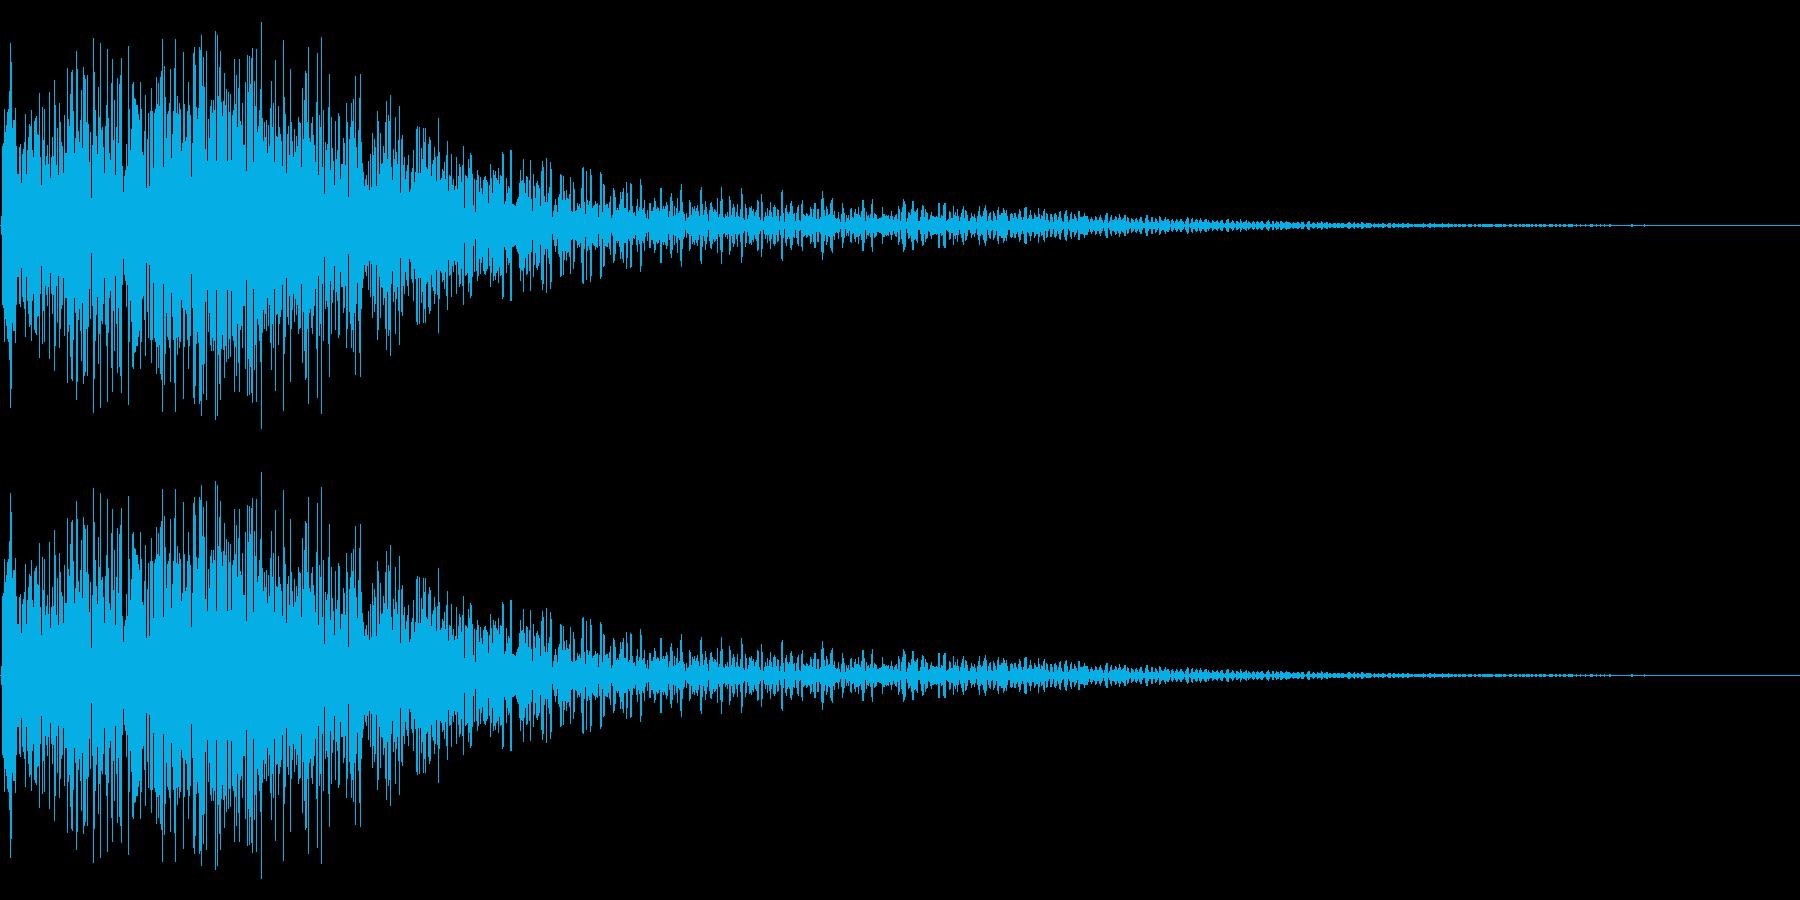 衝撃音(ギャン/ギャッ)の再生済みの波形